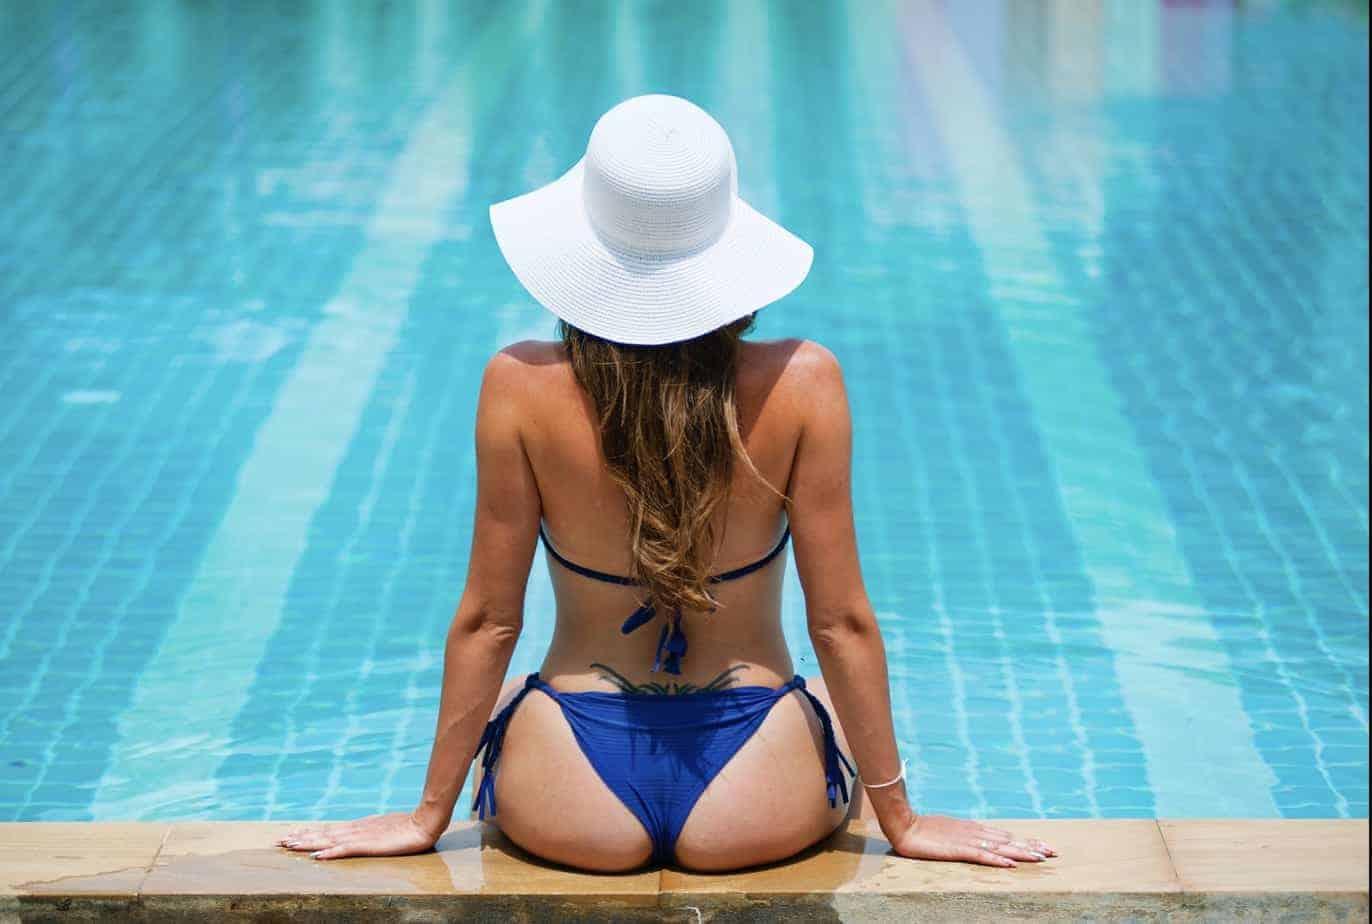 Se va el verano: 5 tips para prolongar tu bronceado